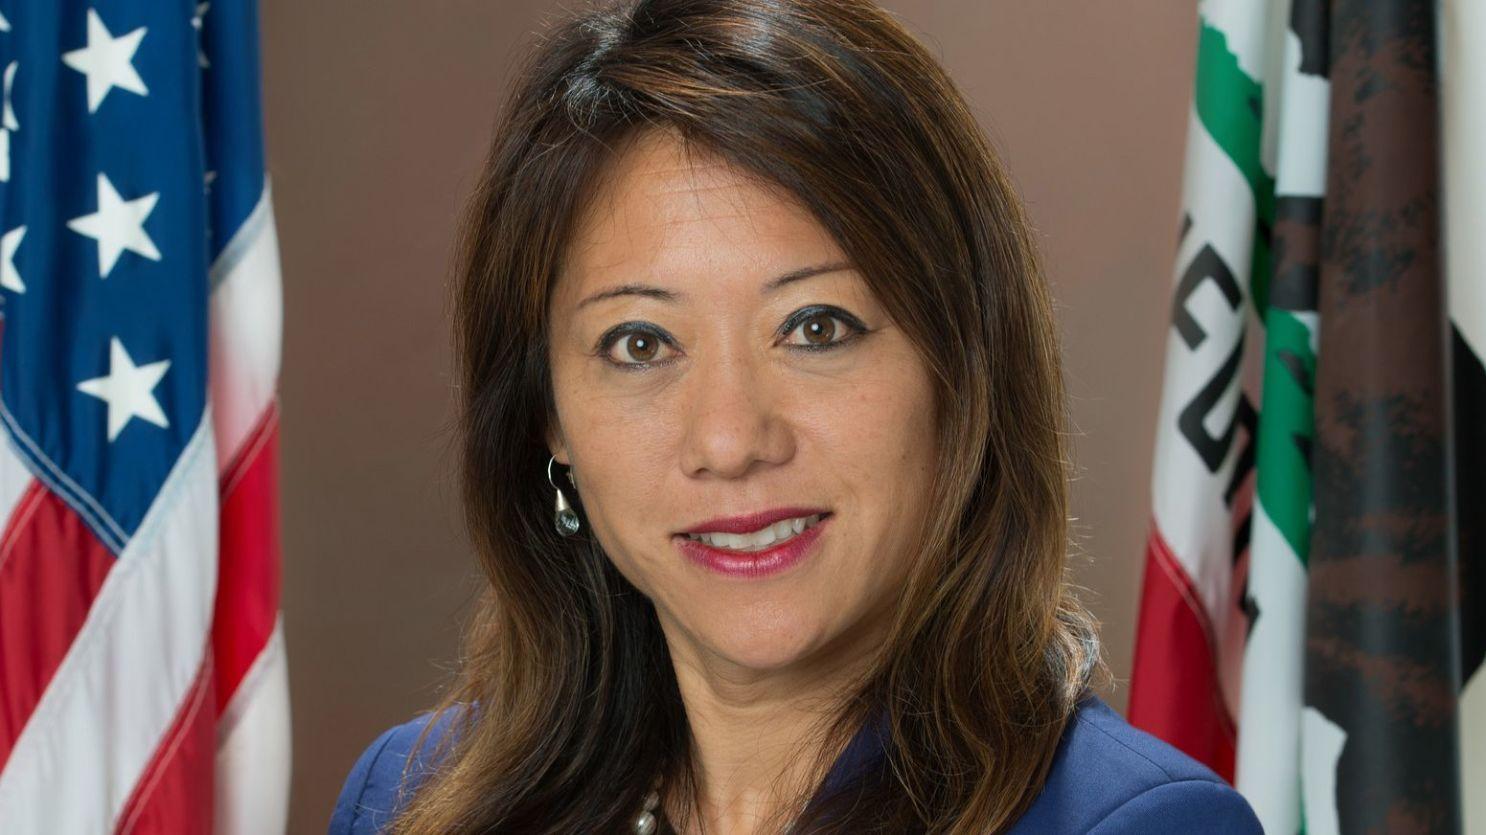 華裔加州財務長馬世雲捲入「性騷擾」風波。洛杉磯時報/檔案照